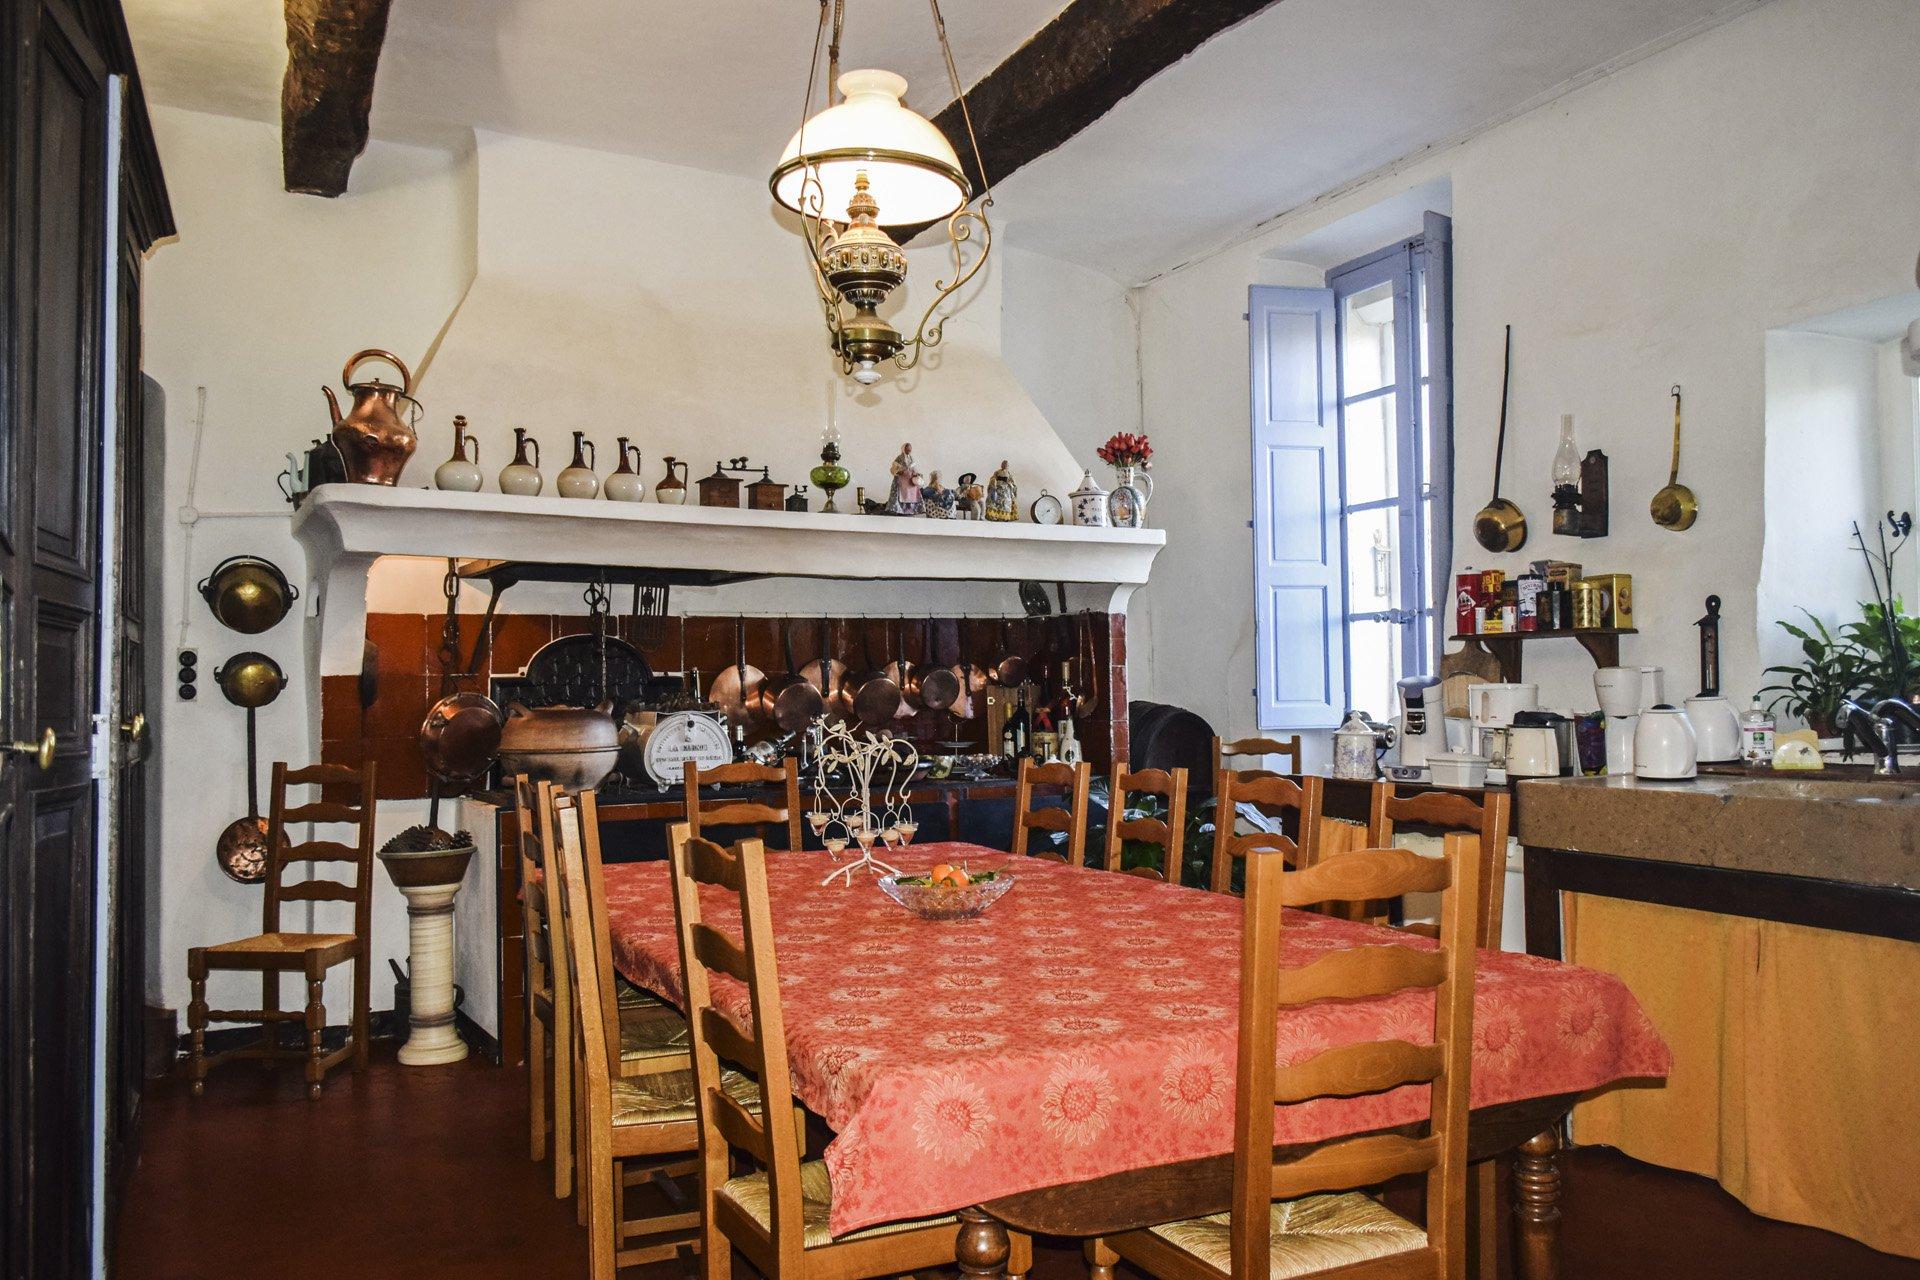 cuisine Bastide 18 ième siècle 750 m², sur 2 ha chambres d'hôtes, le luc, var, provence